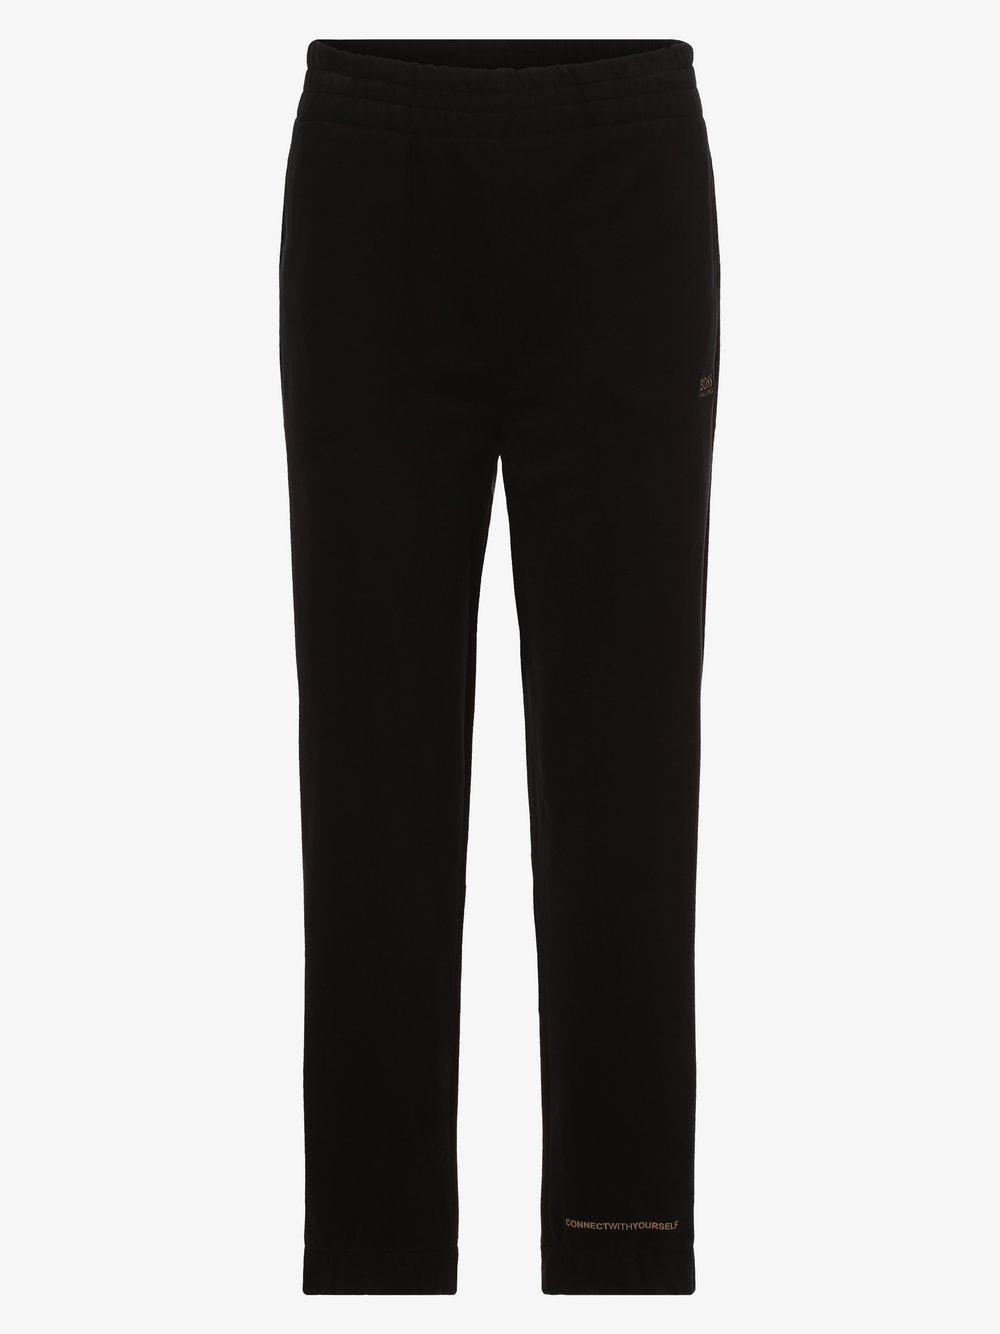 BOSS Casual - Damskie spodnie dresowe – C_Ejoy_Active, czarny